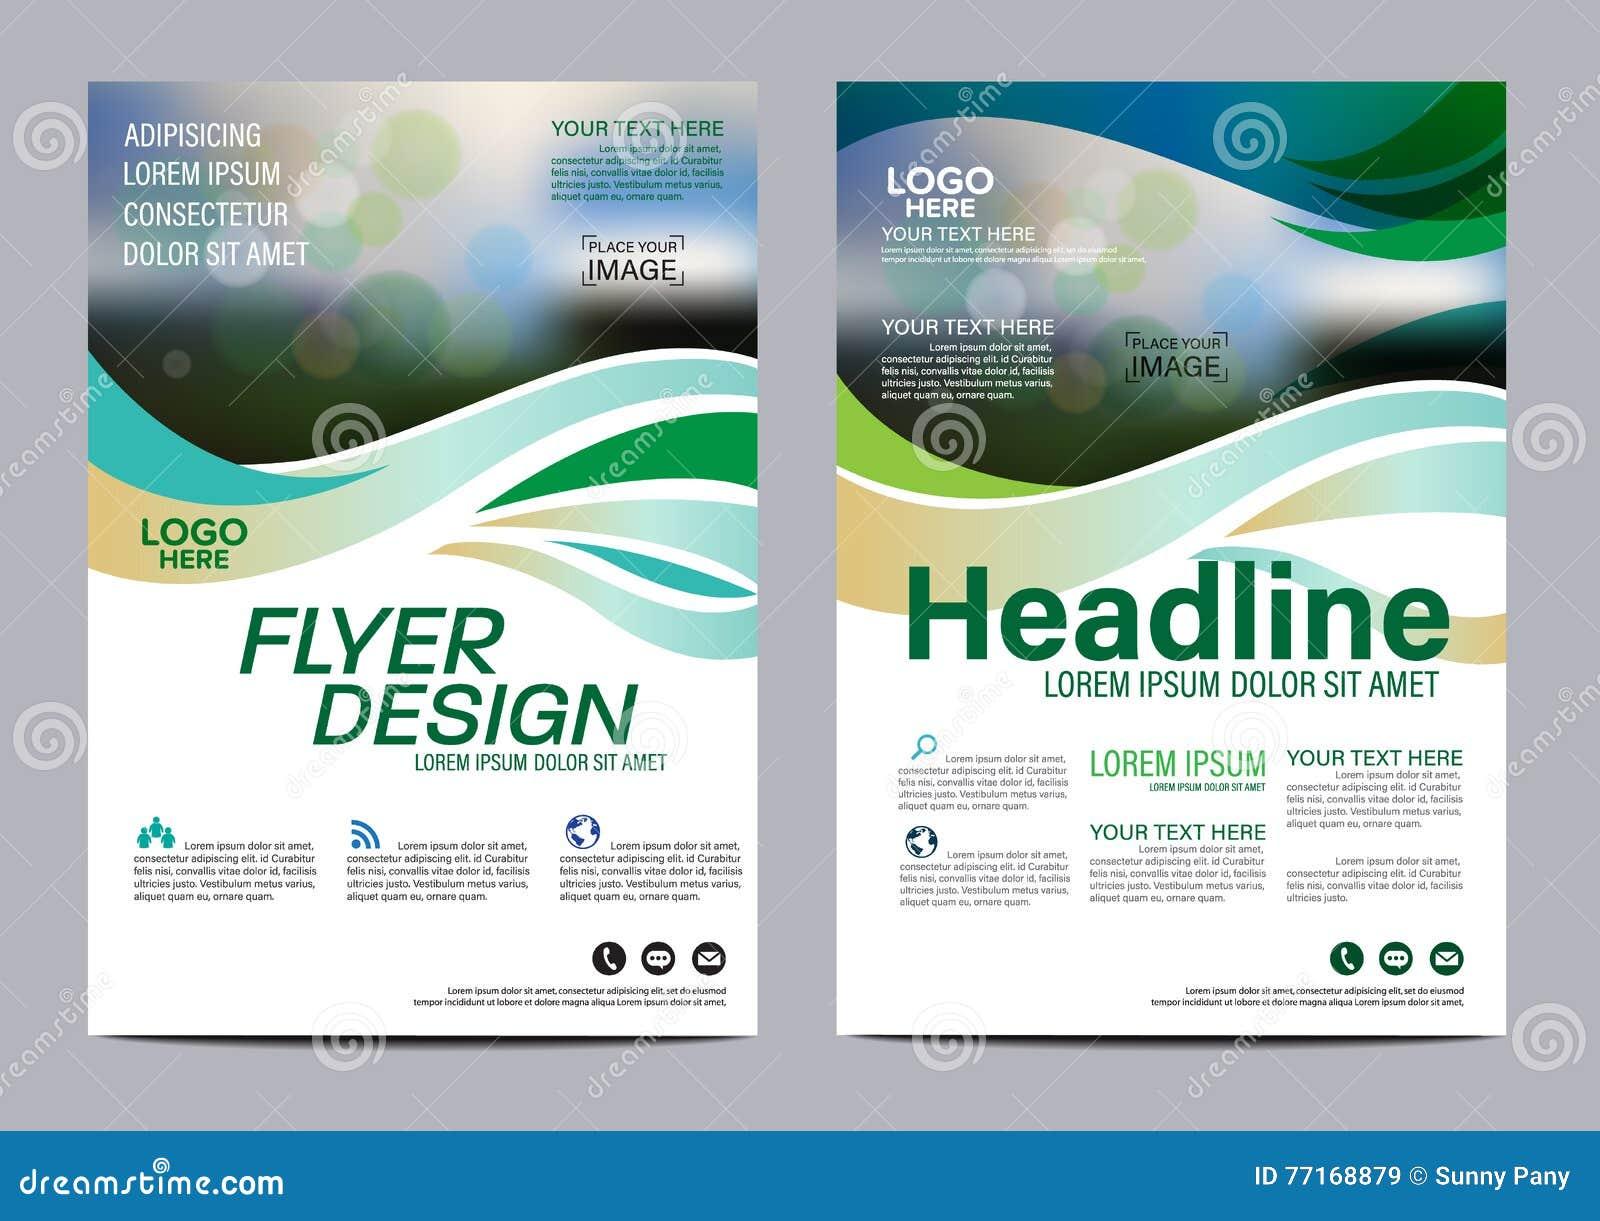 Πρότυπο σχεδίου σχεδιαγράμματος φυλλάδιων Σύγχρονο υπόβαθρο παρουσίασης κάλυψης φυλλάδιων ιπτάμενων ετήσια εκθέσεων διάνυσμα απει